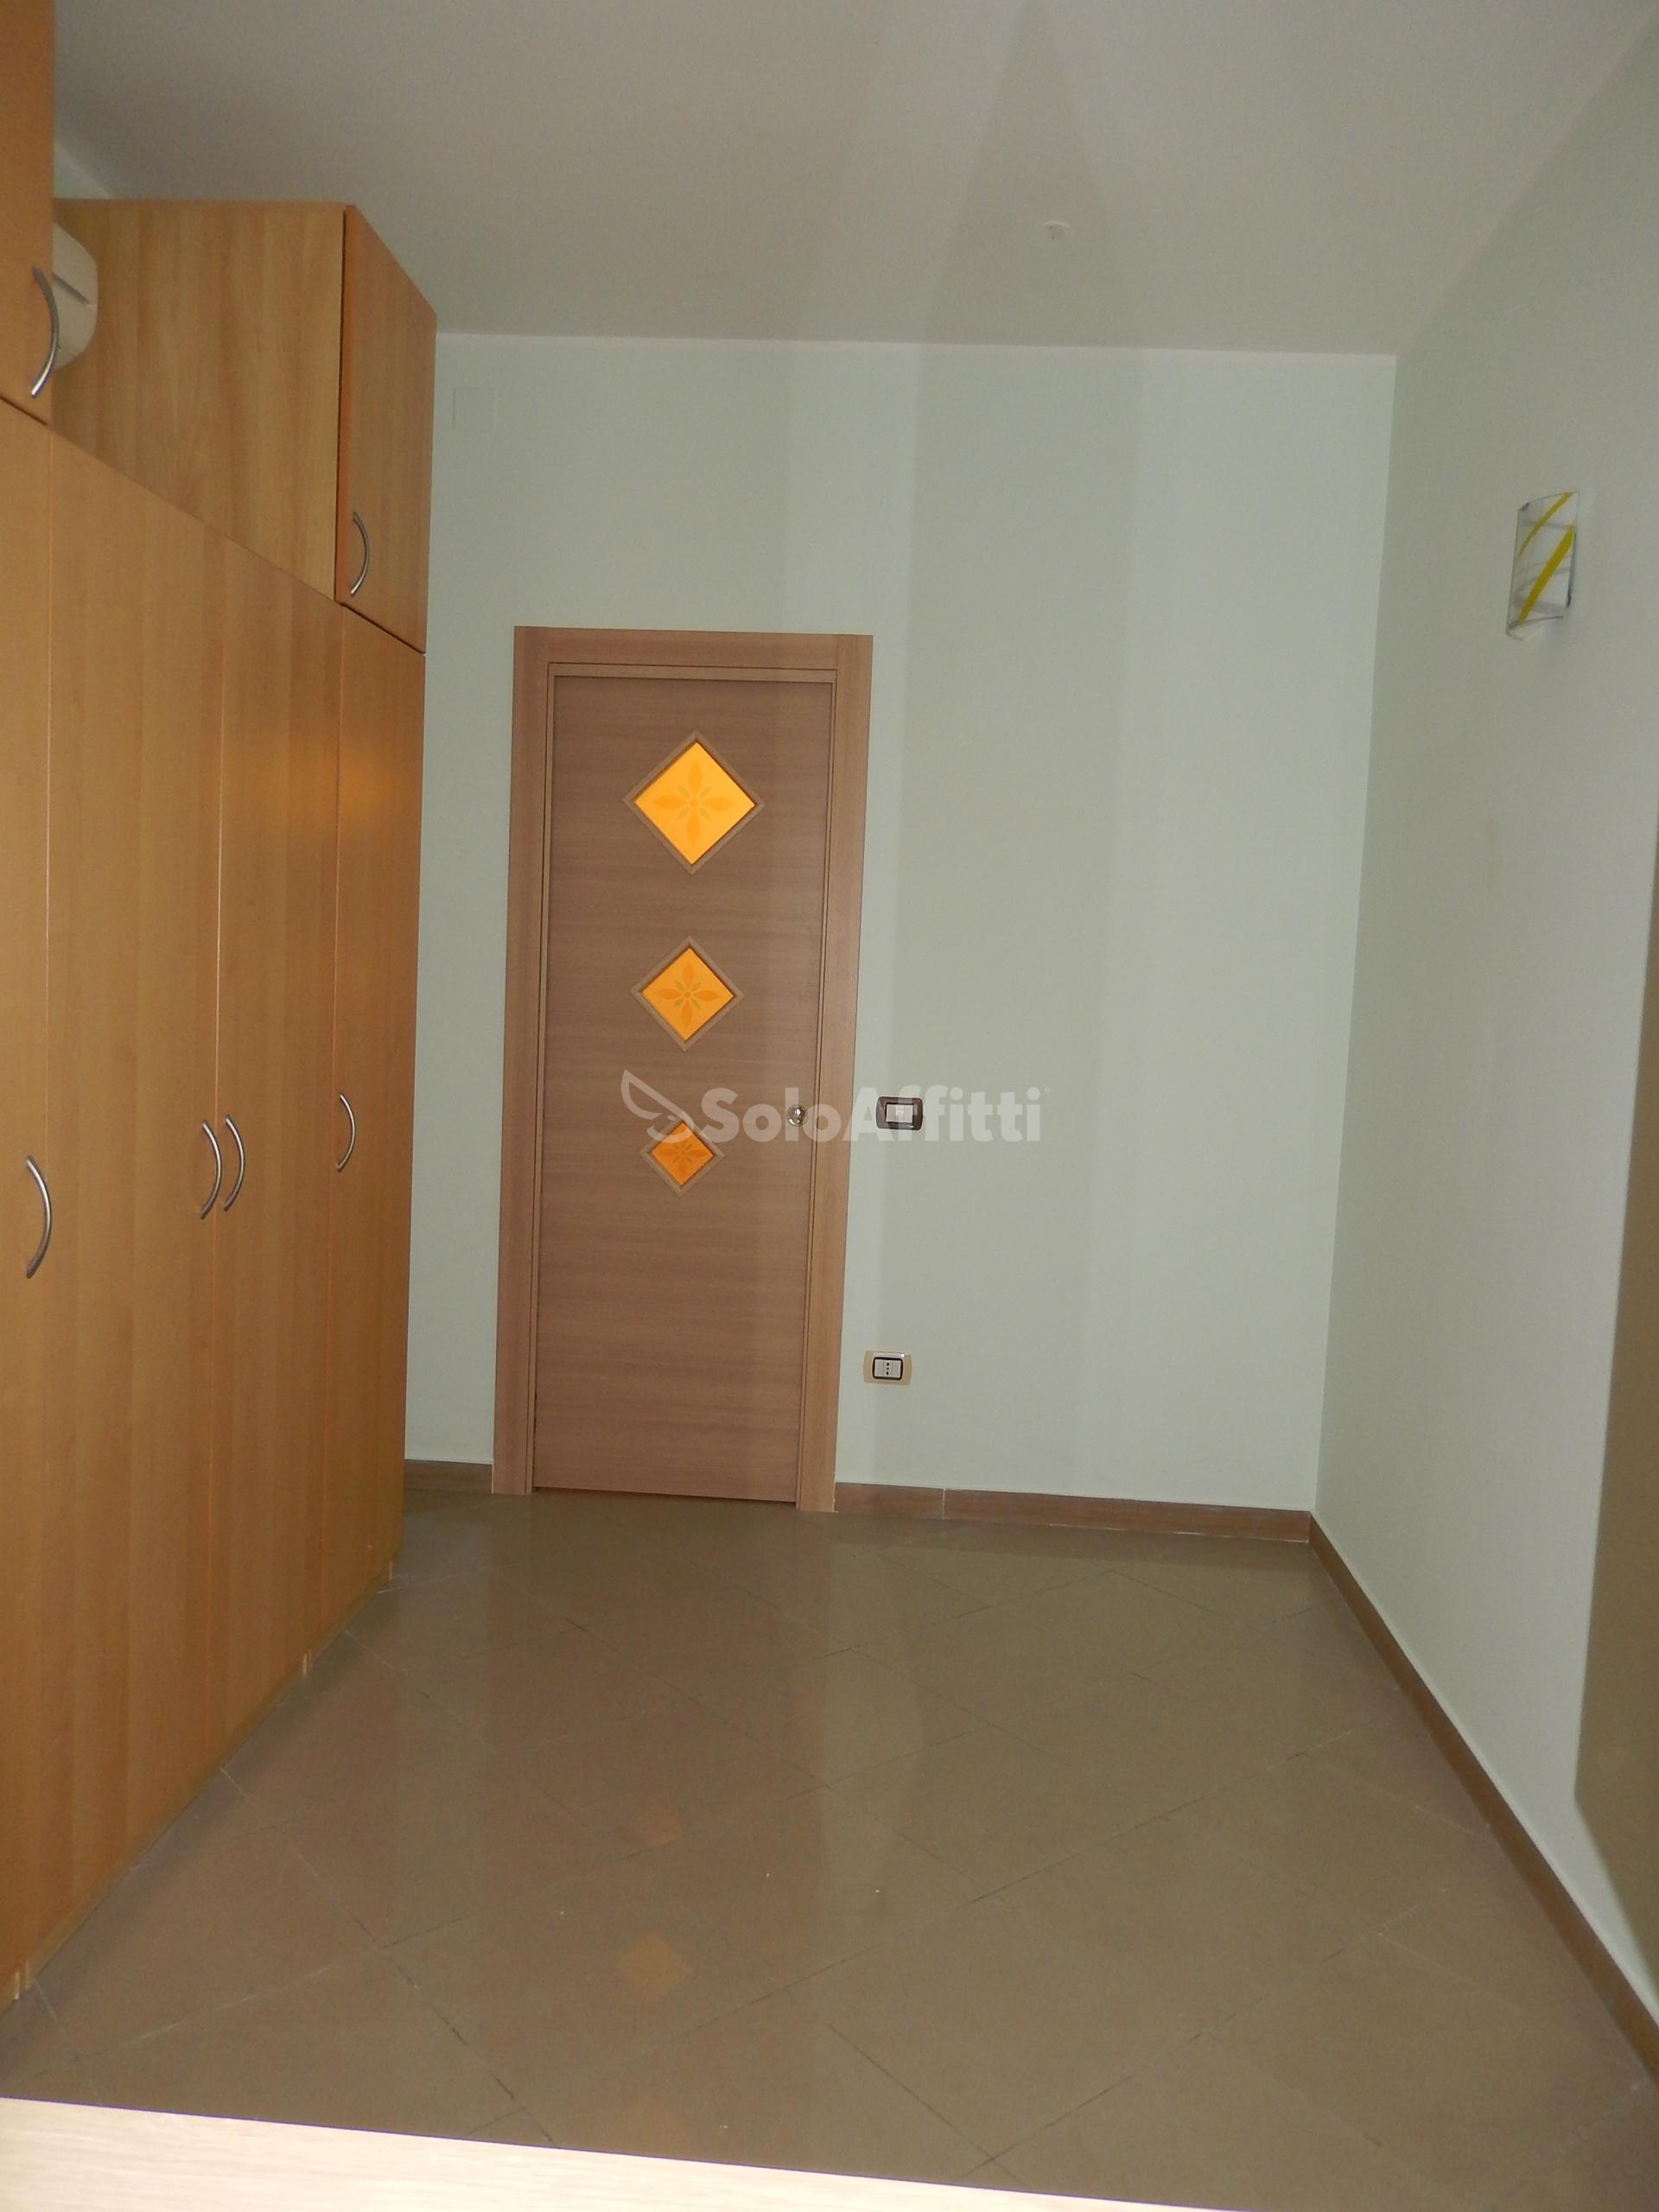 Affitto appartamento trilocale arredato for Affitto arredato